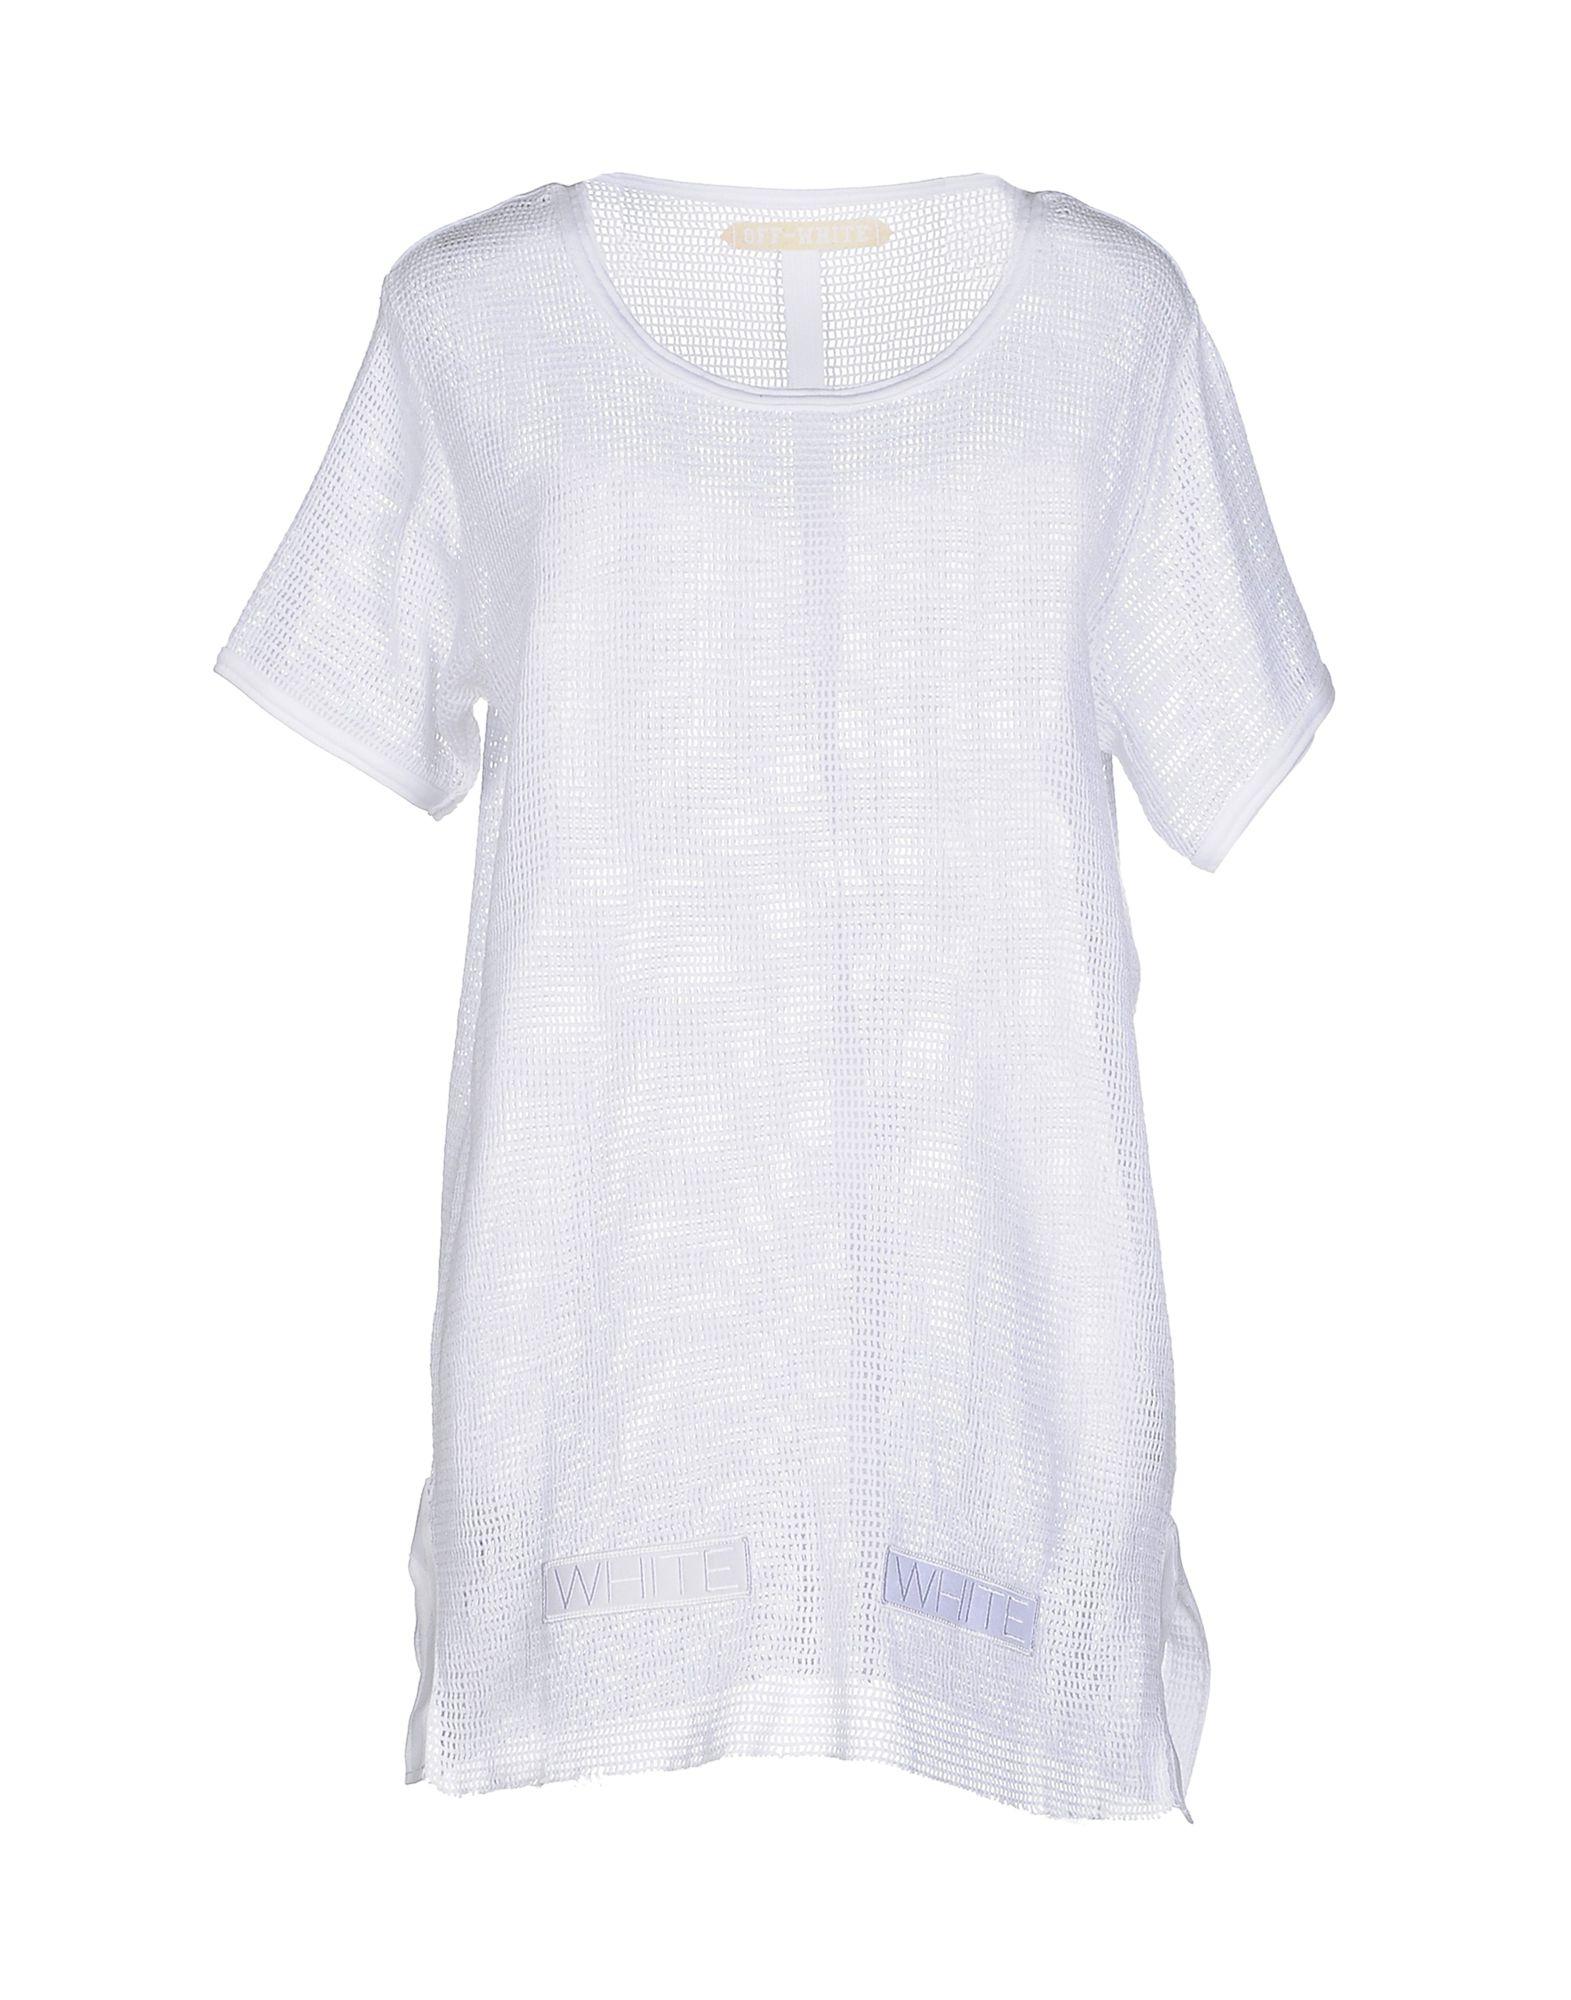 lyst off white c o virgil abloh jumper in white. Black Bedroom Furniture Sets. Home Design Ideas